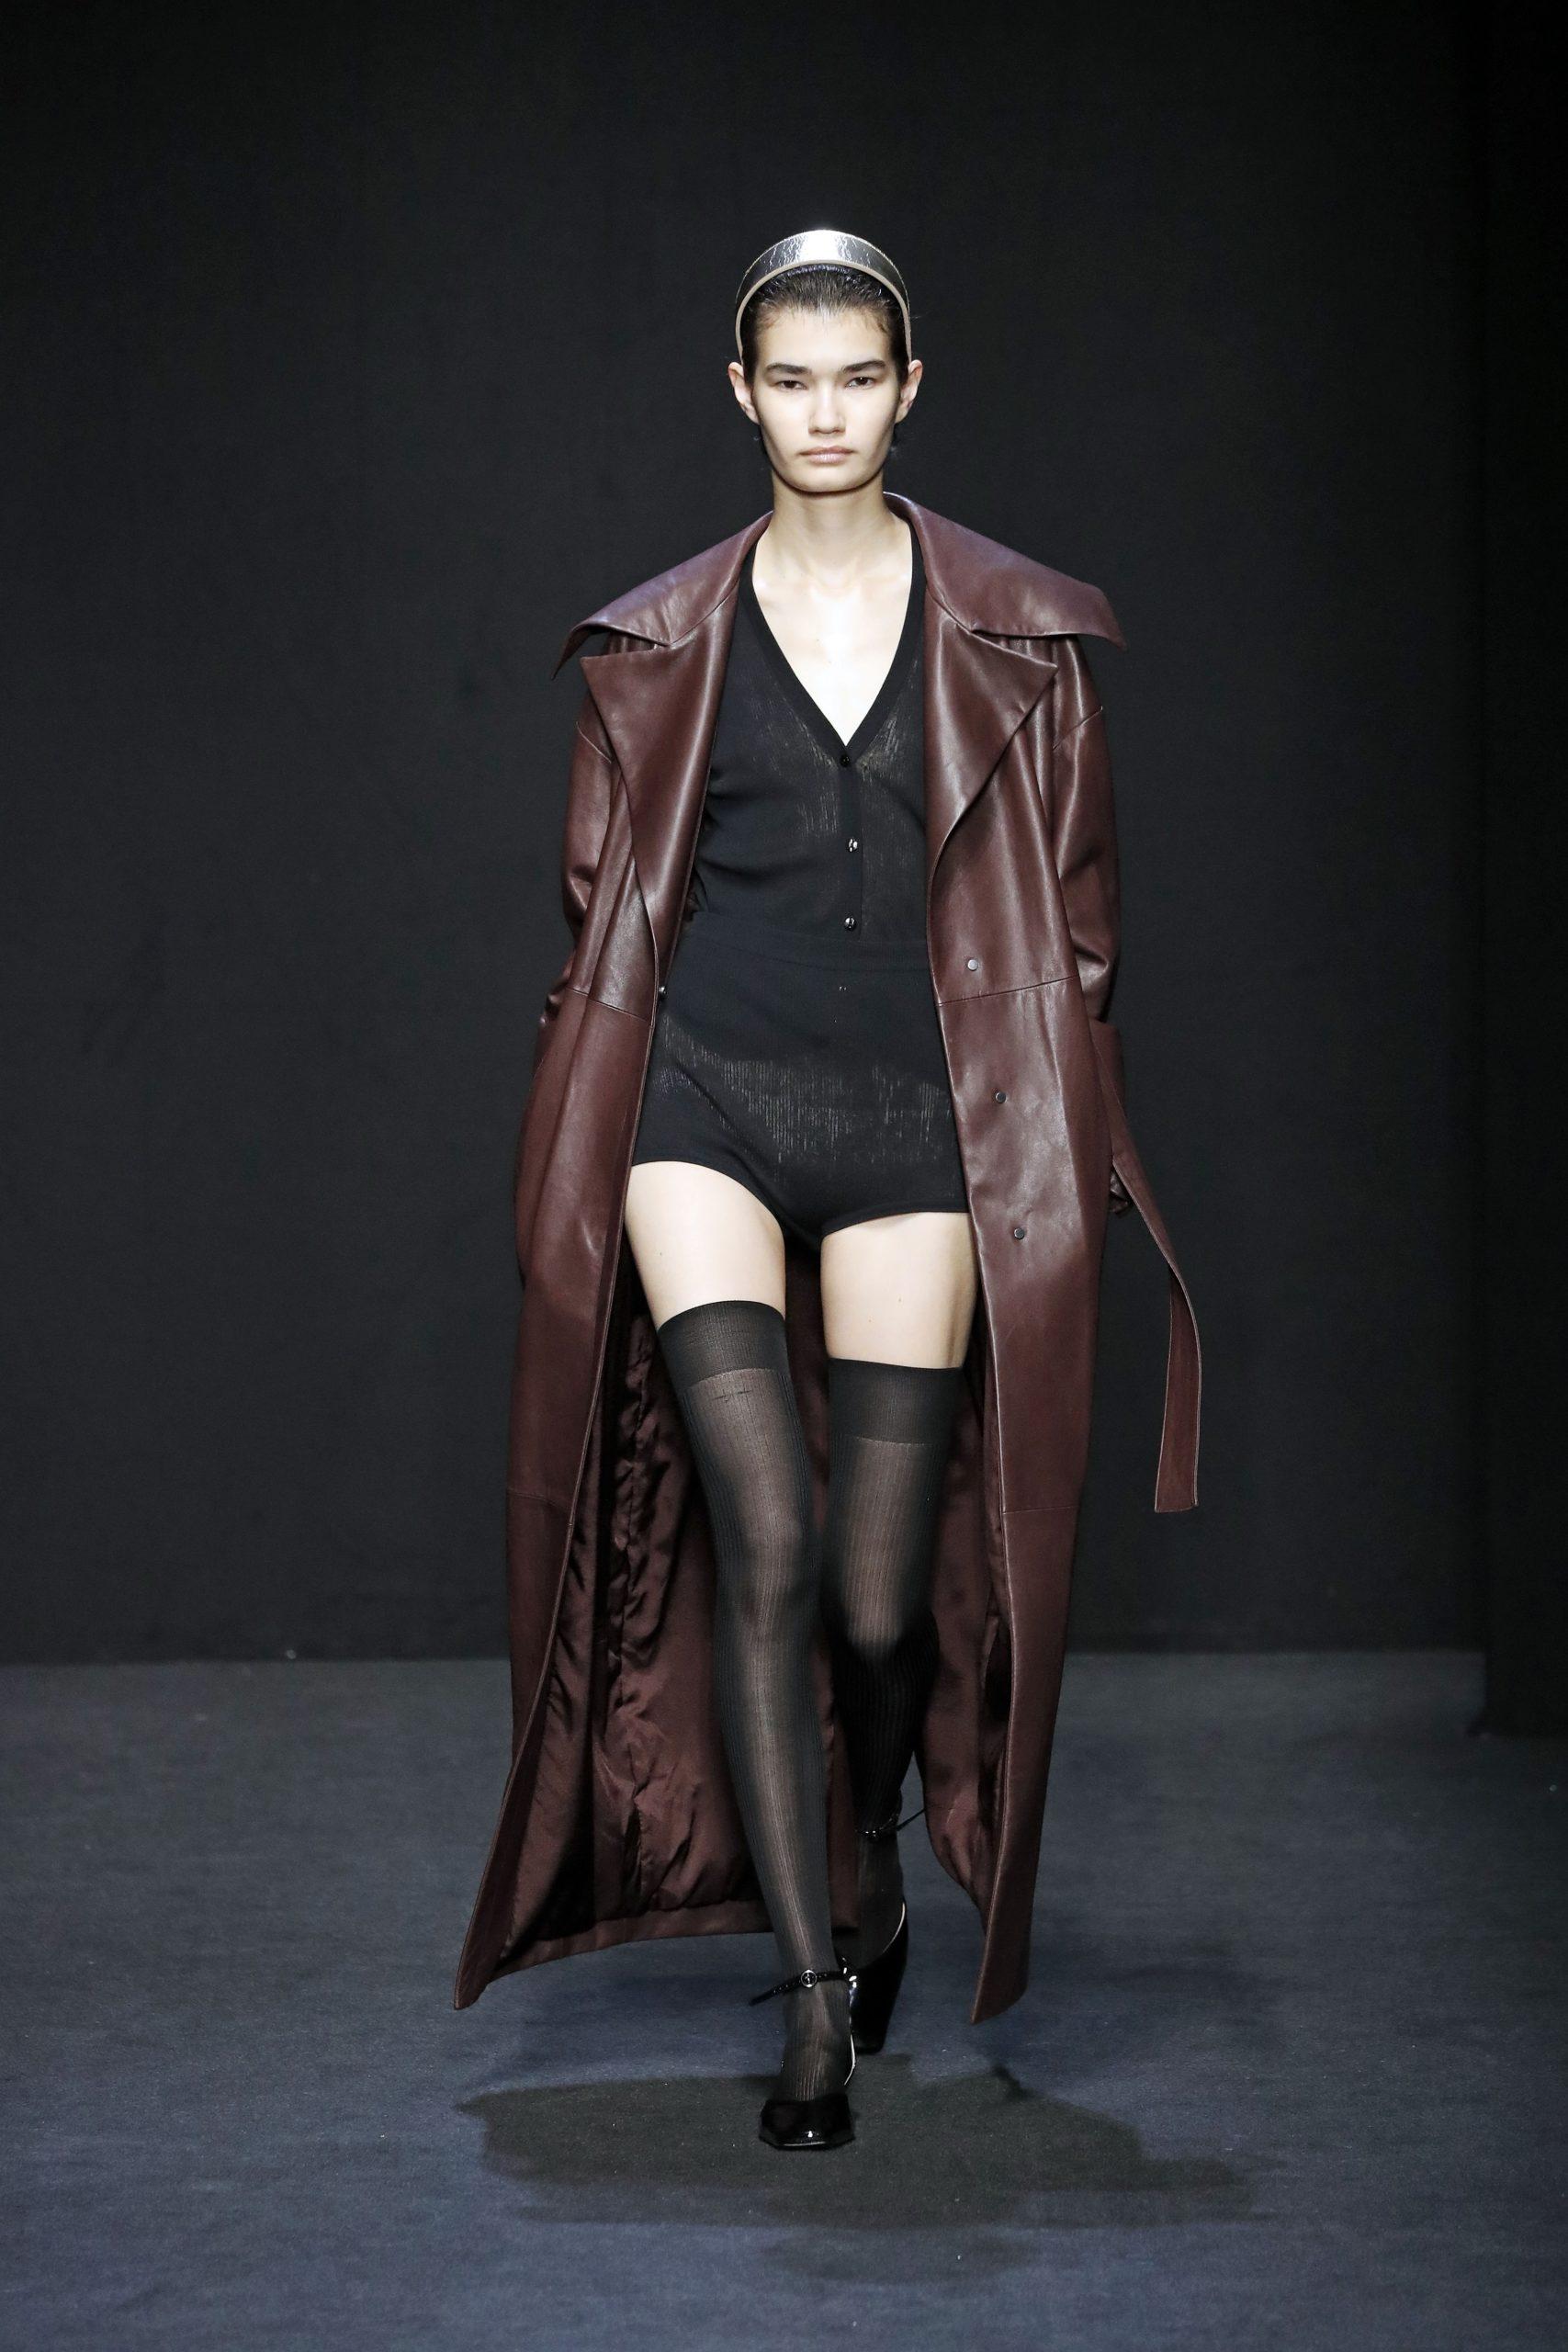 модное пальто осень 2020 кожаное бордовое длинное под пояс